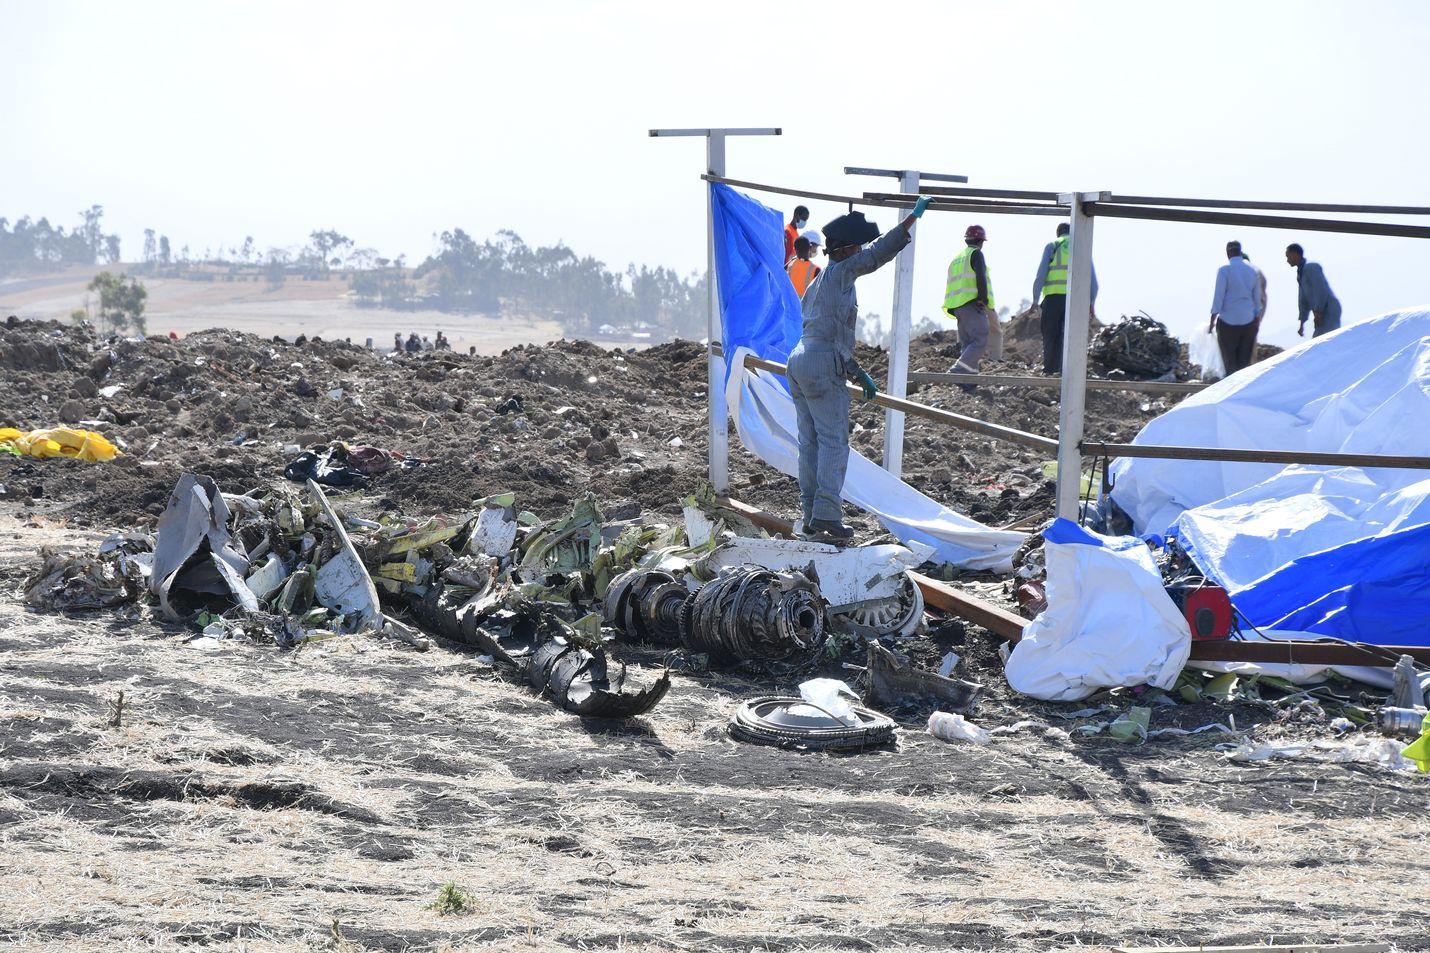 Ethiopian Airlinesin lentoturma sattui sunnuntaina Etiopiassa pian lentoonlähdön jälkeen.